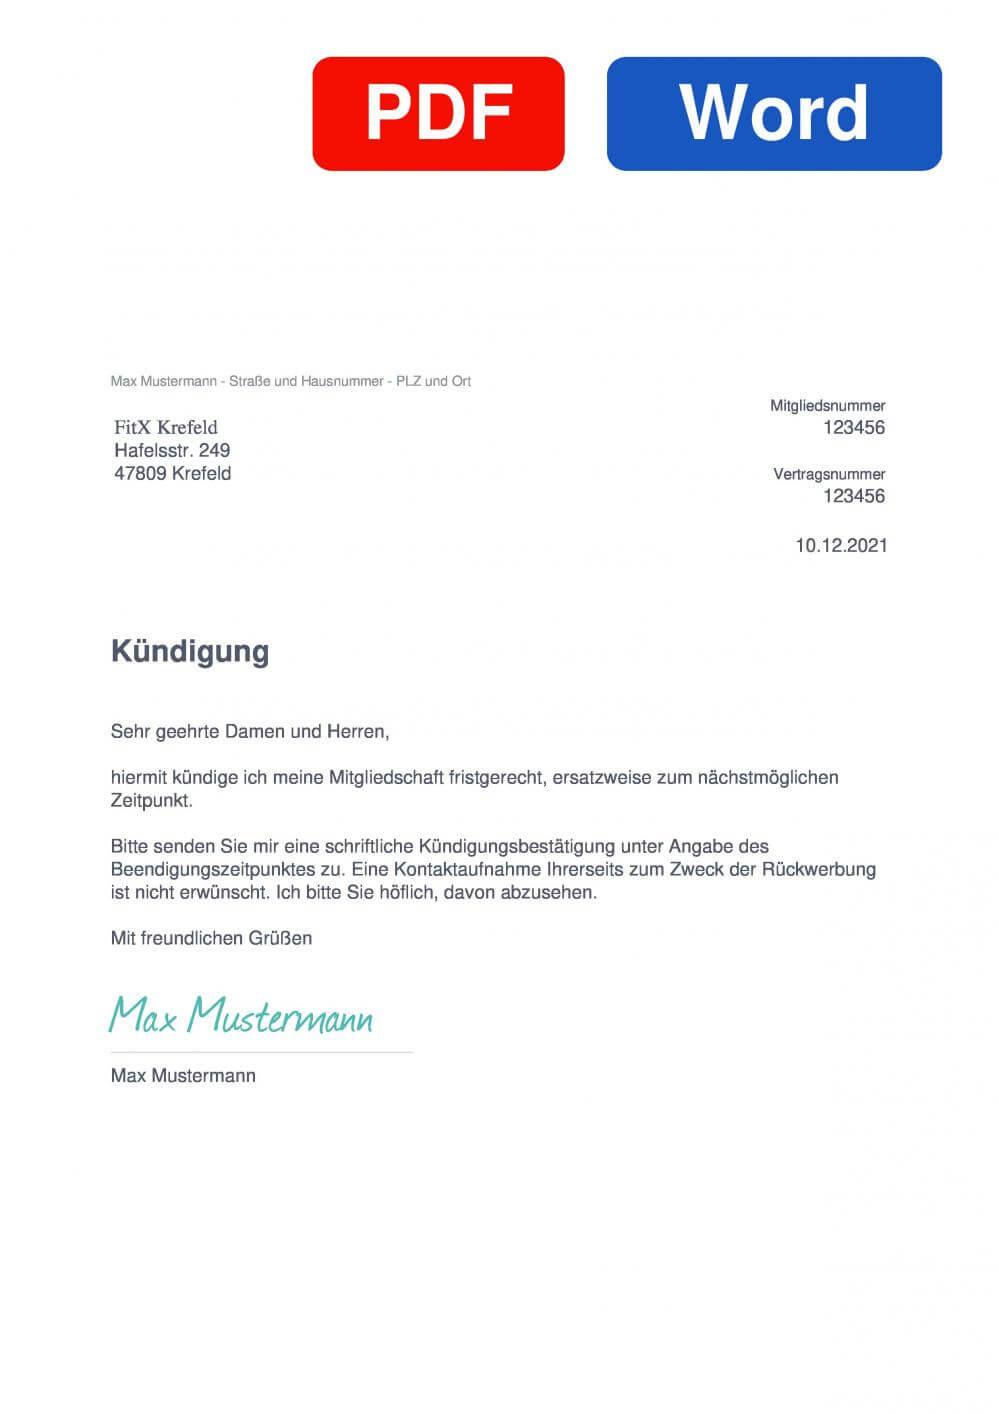 FitX Krefeld Muster Vorlage für Kündigungsschreiben